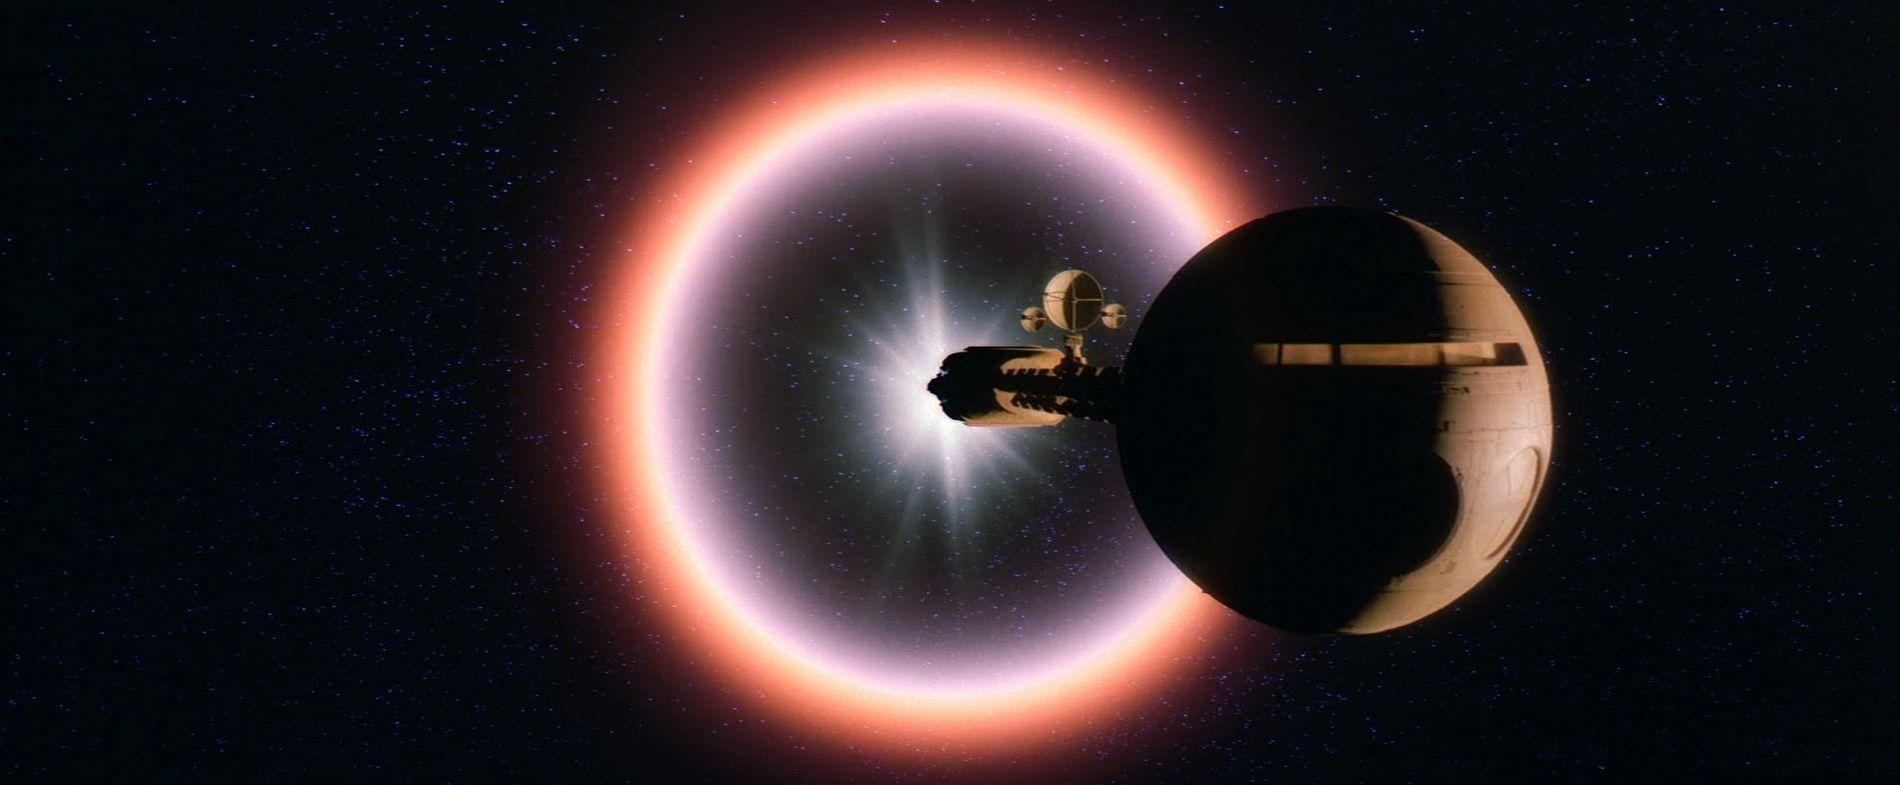 «Космическая Одиссея 2010» — 1984